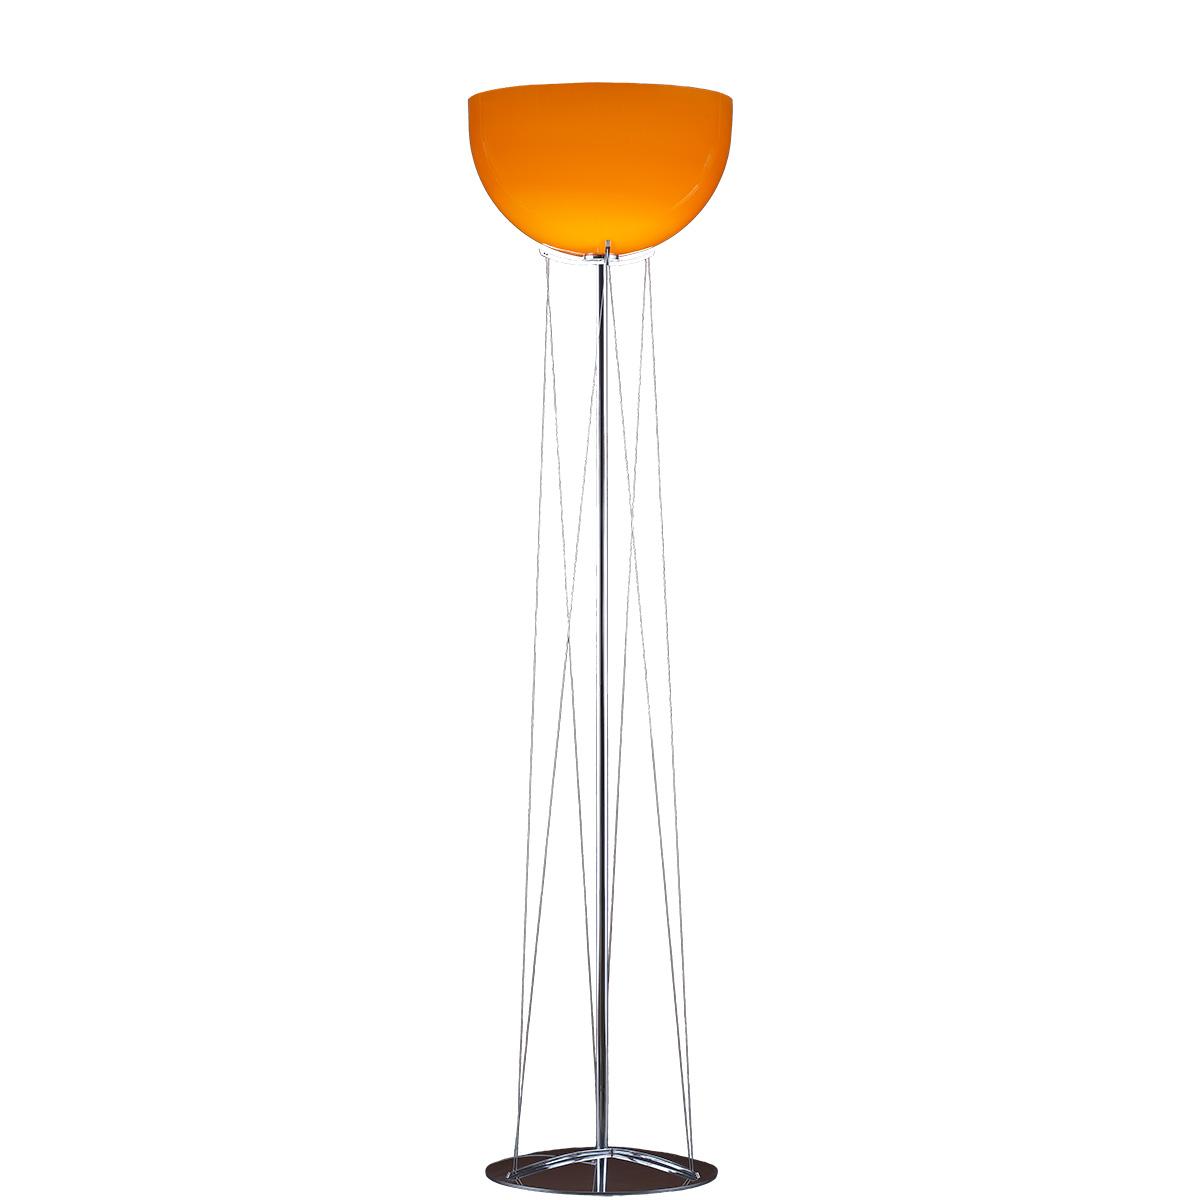 Φωτιστικό δαπέδου Μουράνο πορτοκαλί MARS modern orange Murano floor lamp